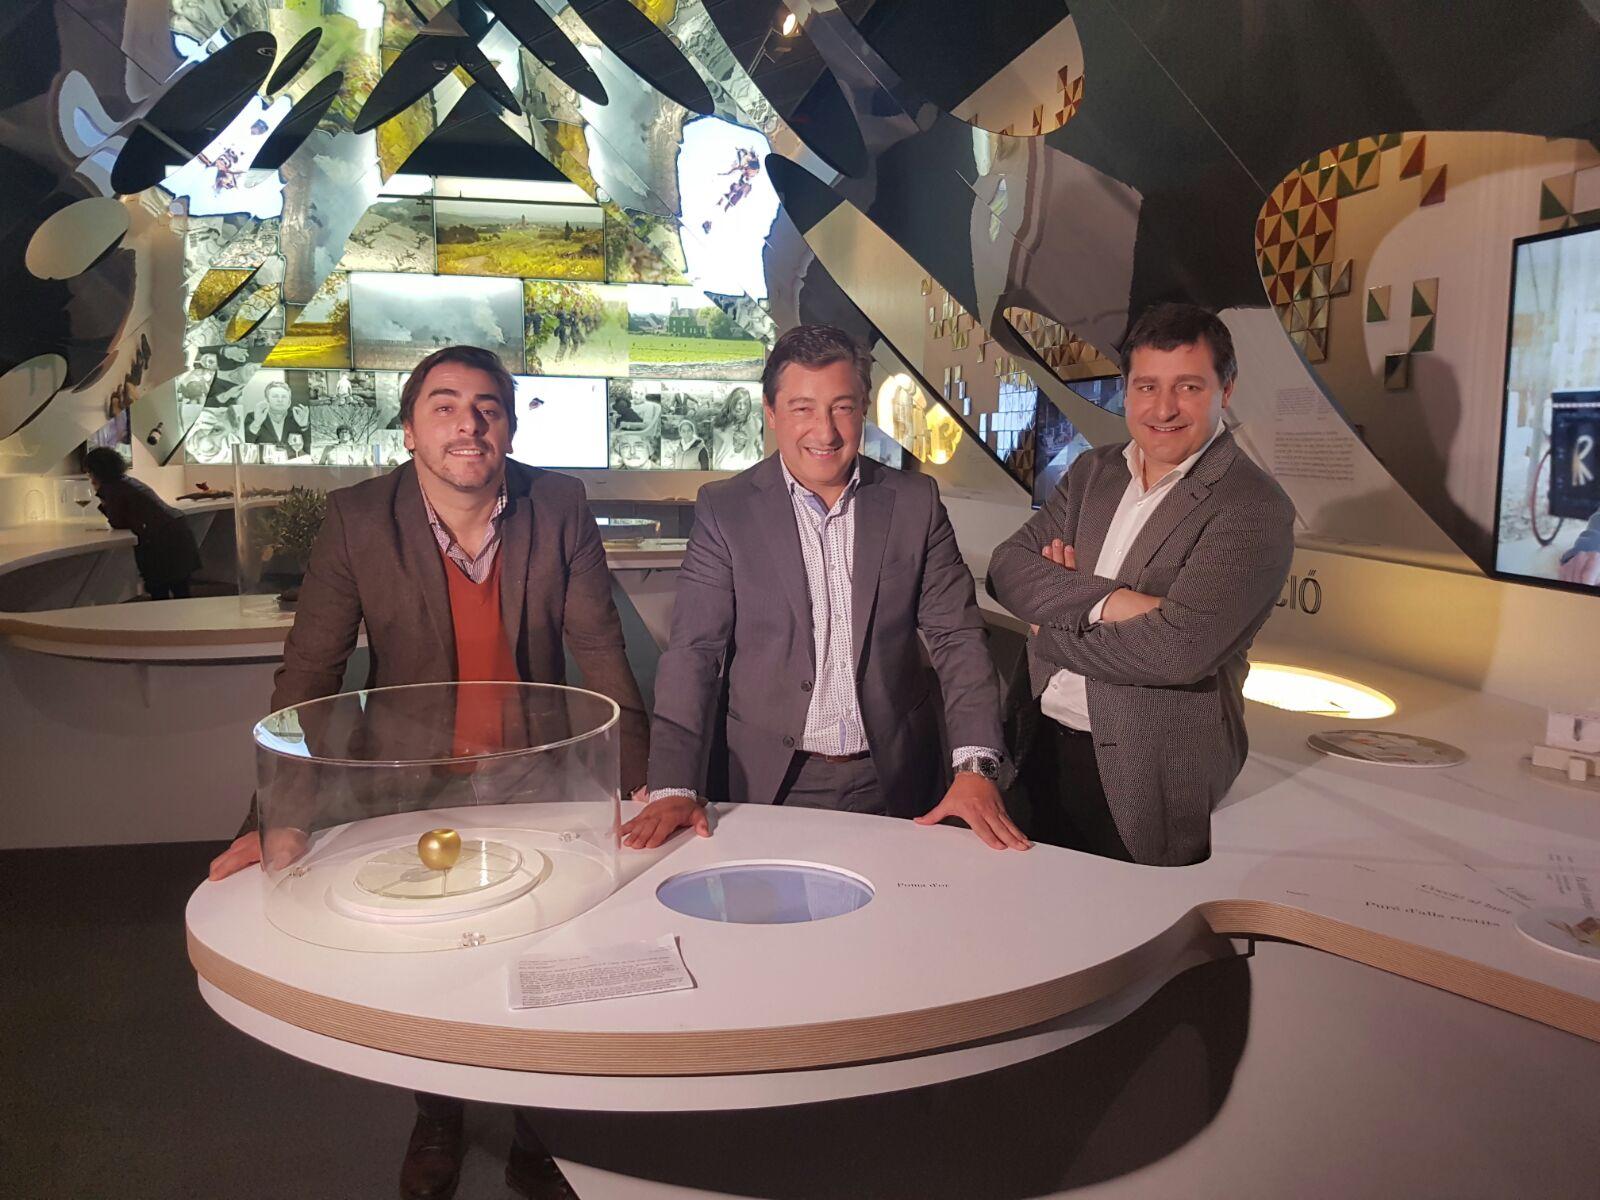 21112016 Los hermanos Roca visitan la exposición del 30 aniversario horas antes de la inauguración 1